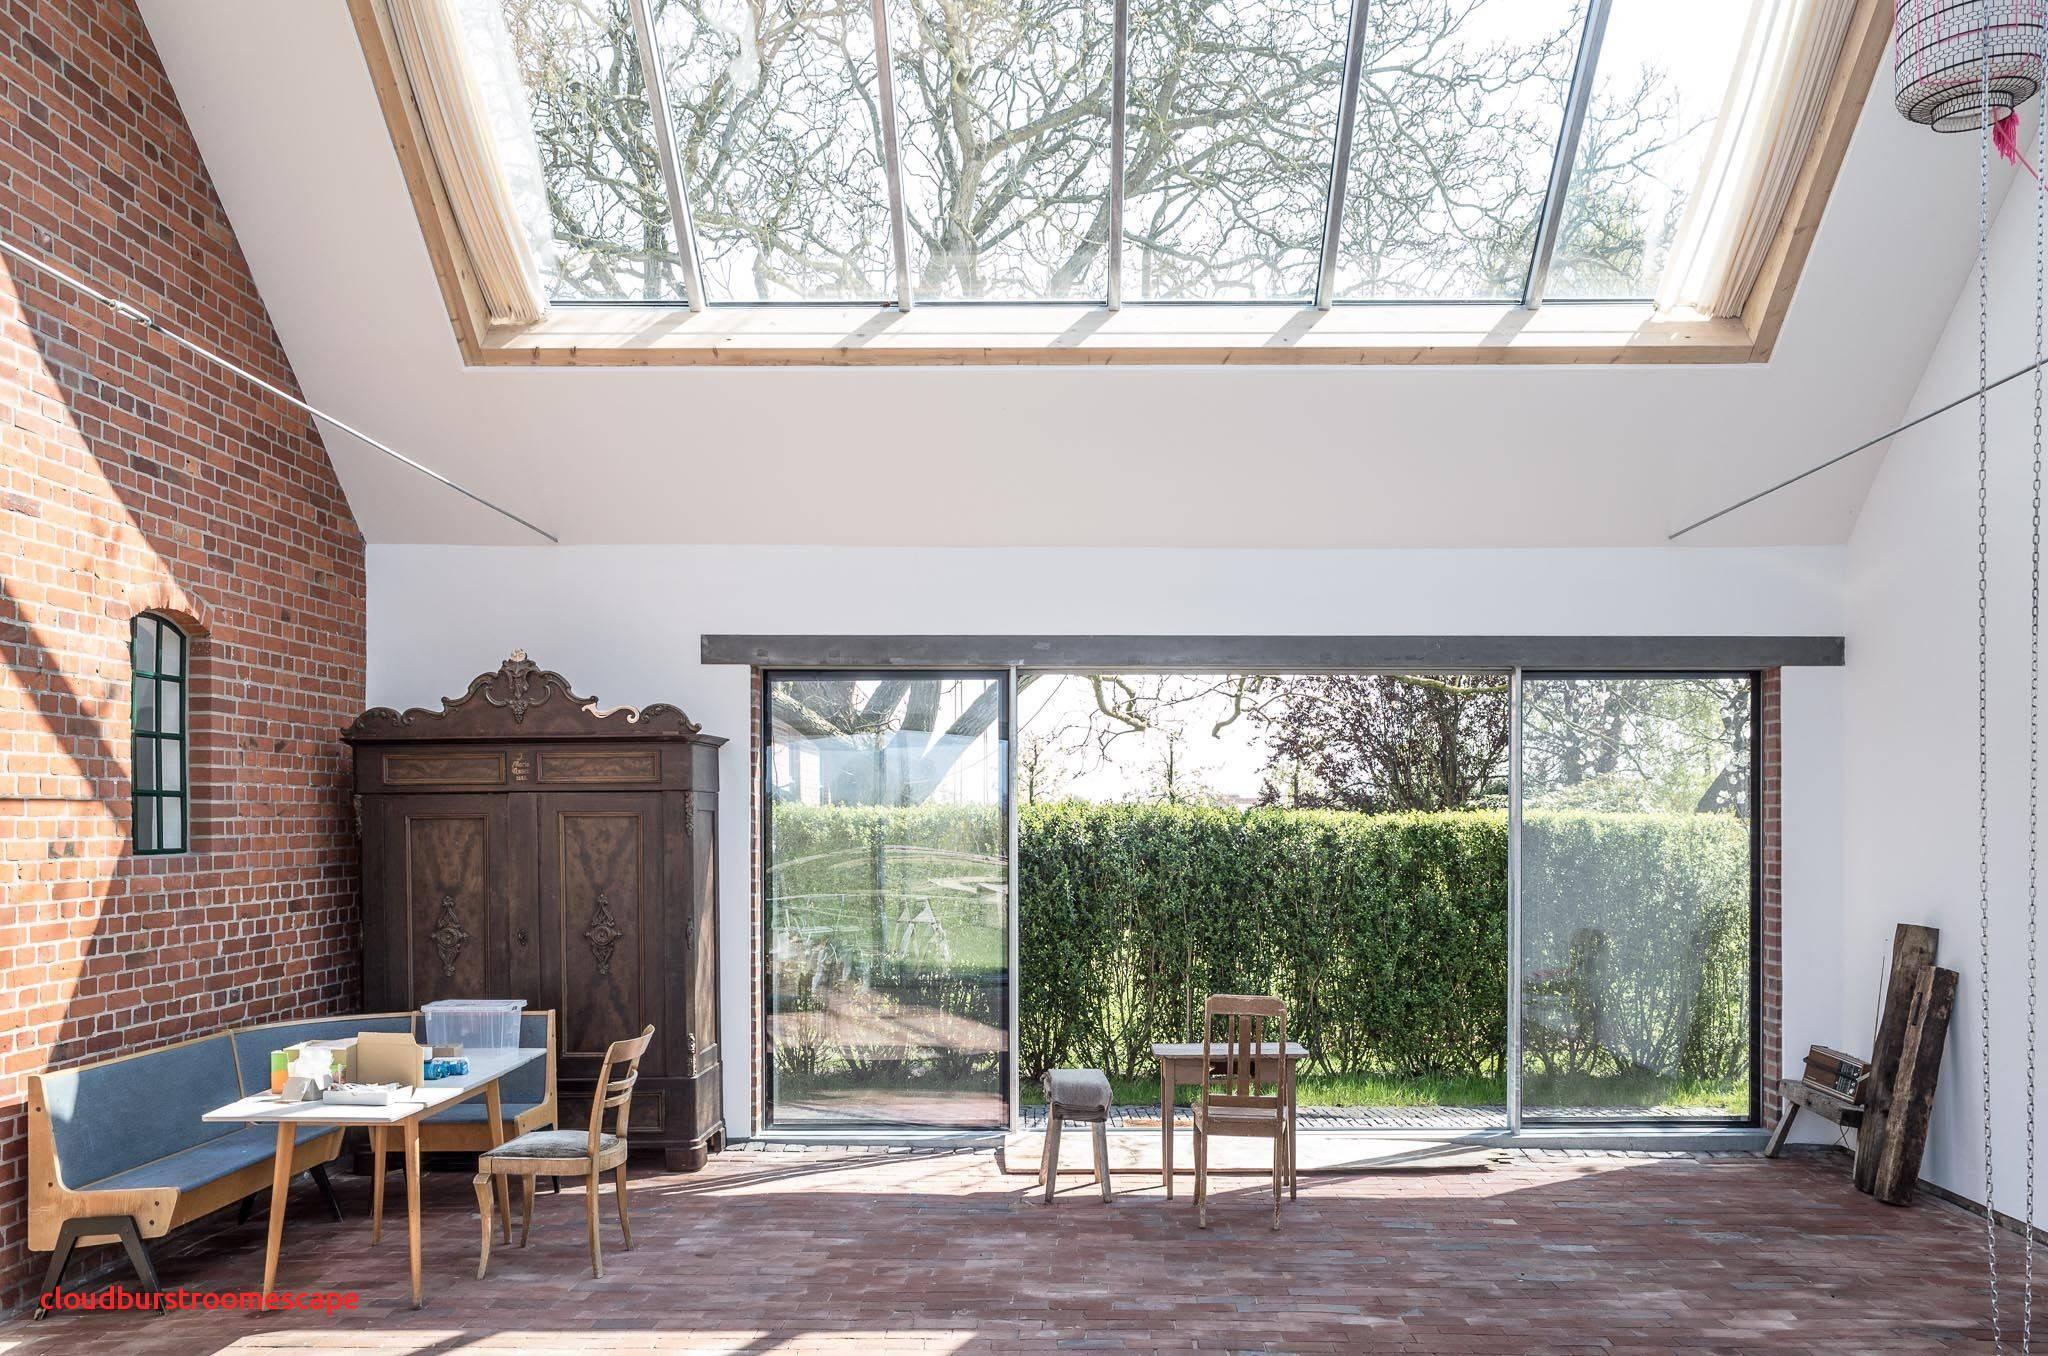 wohnzimmer ideen fenster luxus wohnzimmer fenster gardinen neu plissee wohnzimmer 0d design ideen of wohnzimmer ideen fenster